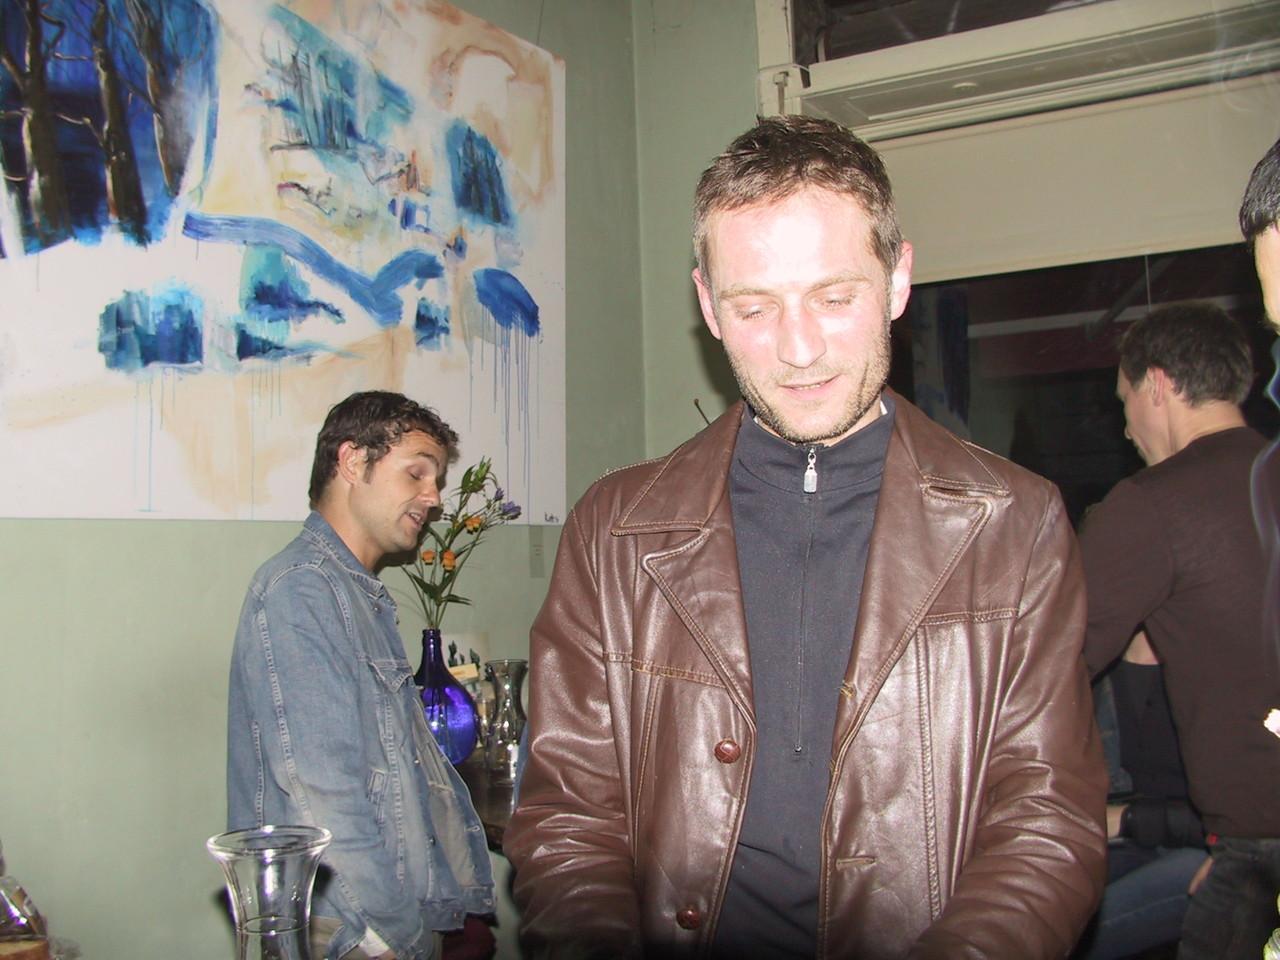 Panaroma Berlin, 2004